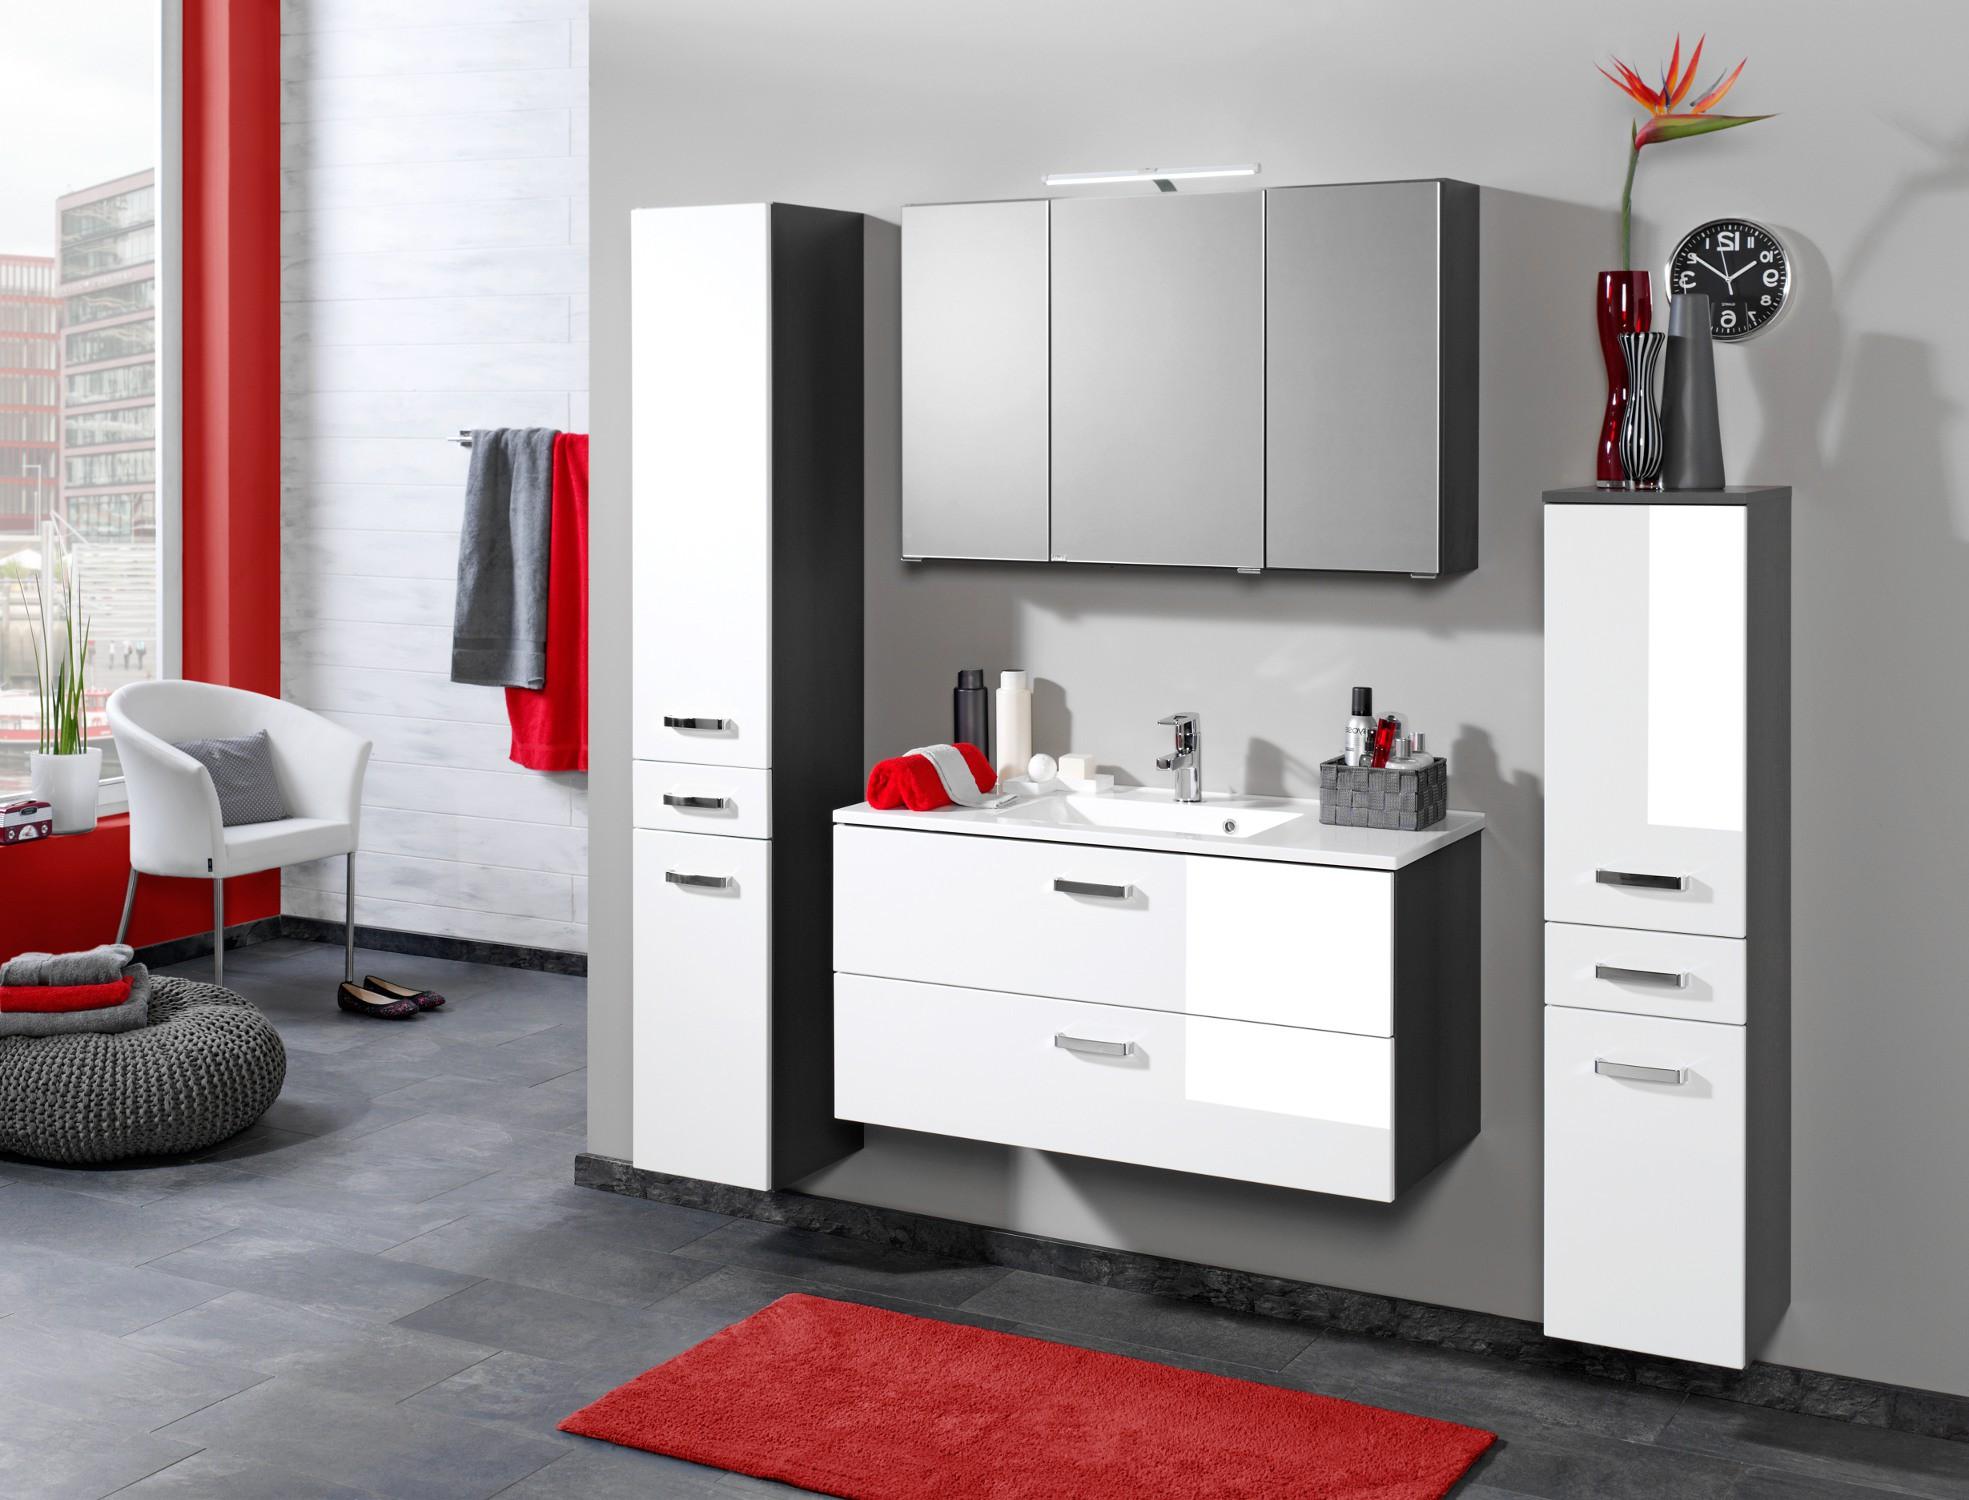 bad waschtisch bologna 2 ausz ge 80 cm breit hochglanz wei graphitgrau bad waschtische. Black Bedroom Furniture Sets. Home Design Ideas